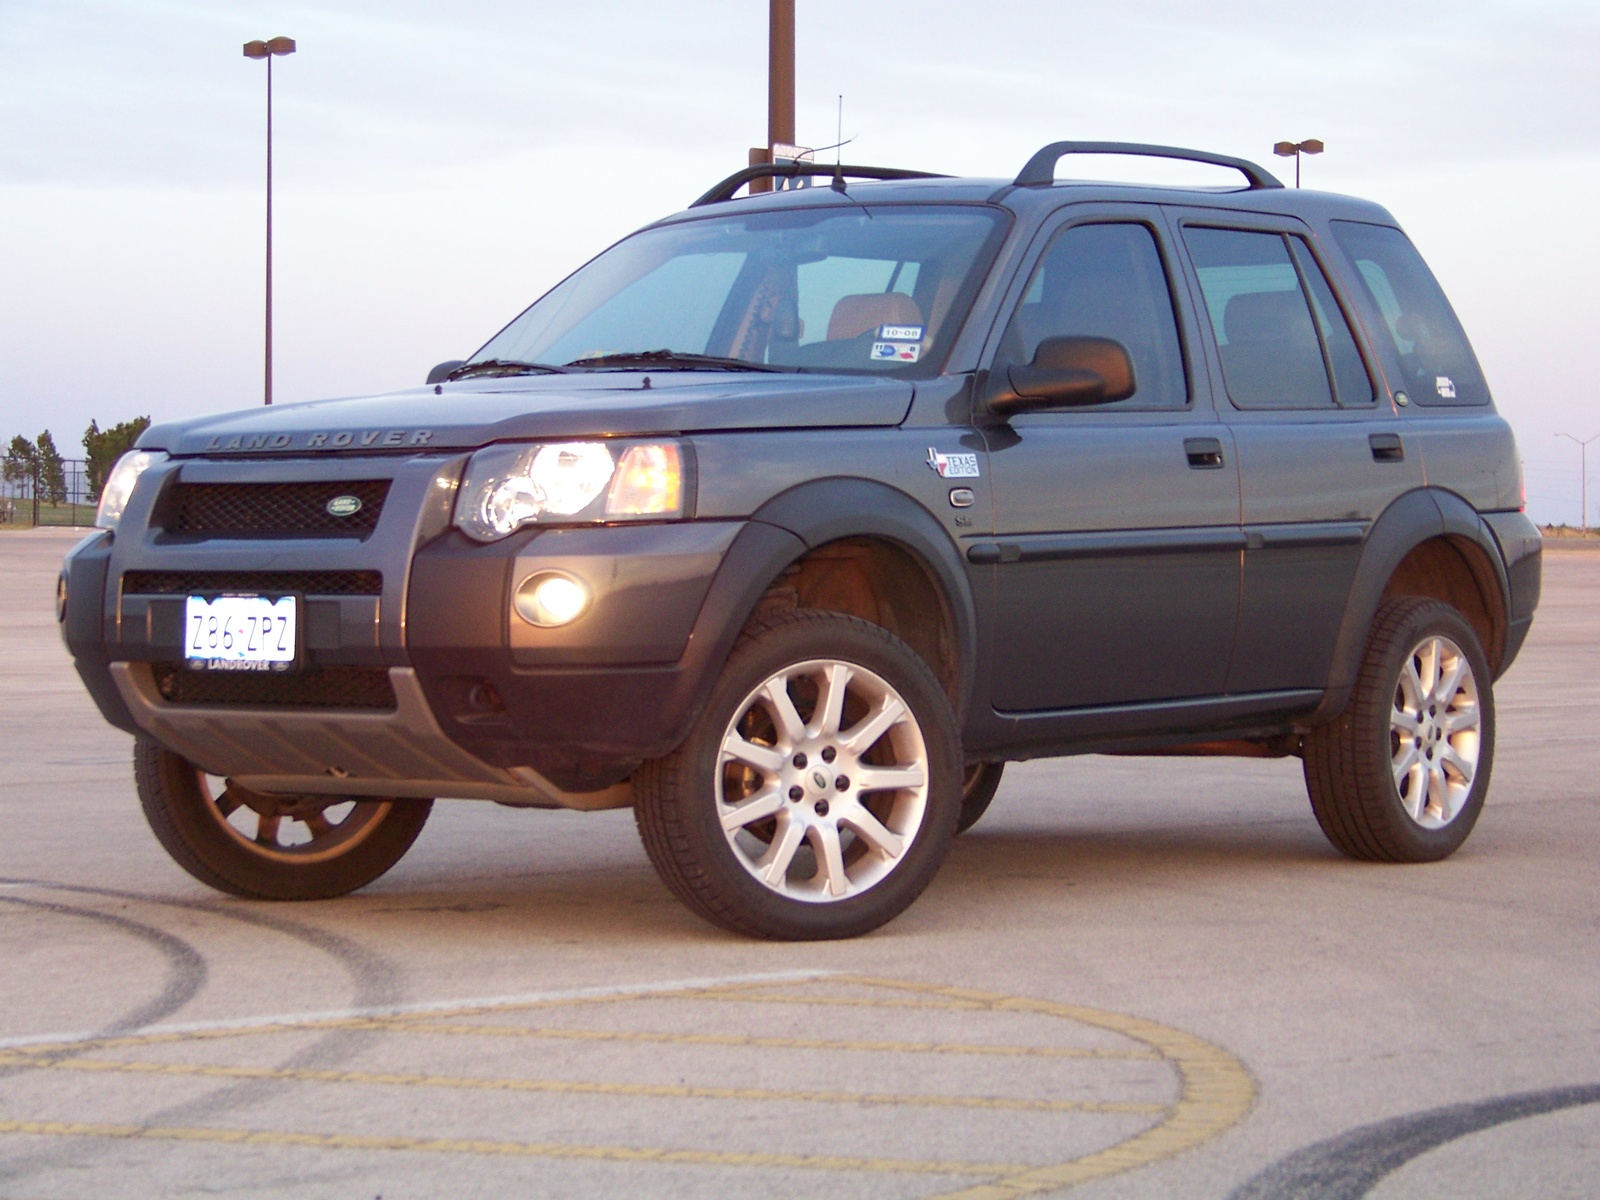 2005 Land Rover Freelander - Pictures - CarGurus